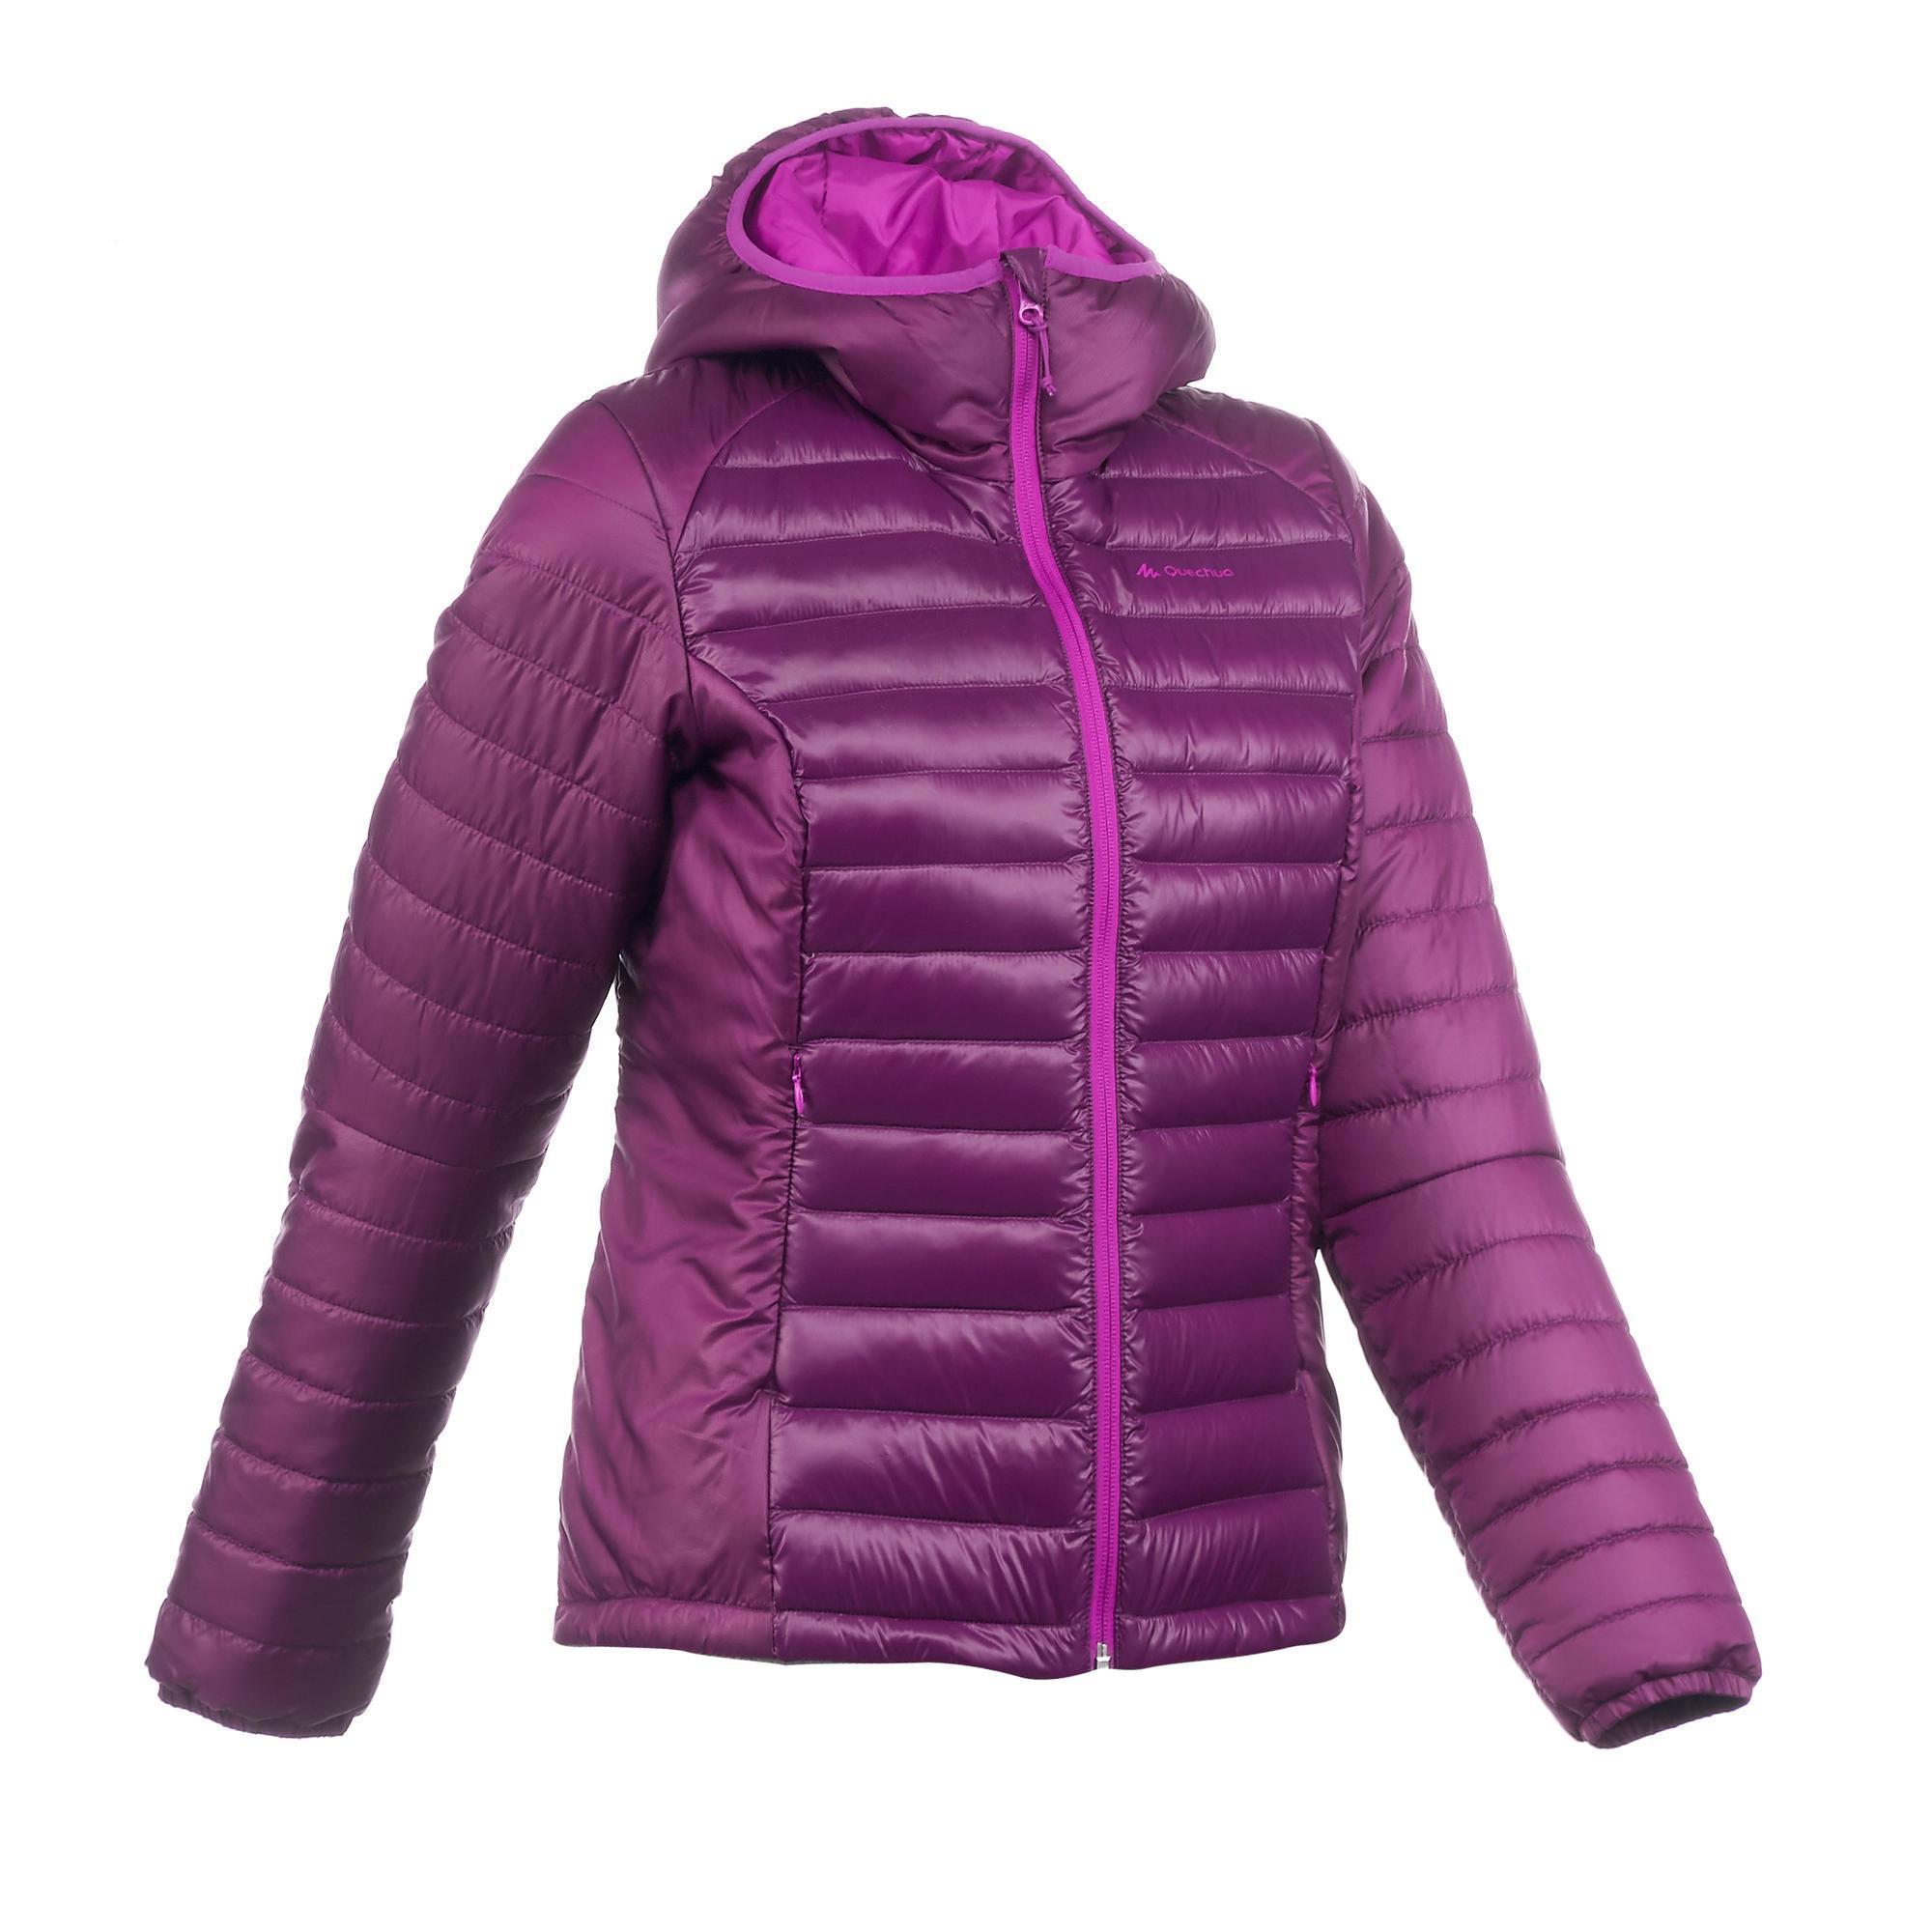 Doudoune trekking x light 1 femme violet quechua - Draps jetables decathlon ...